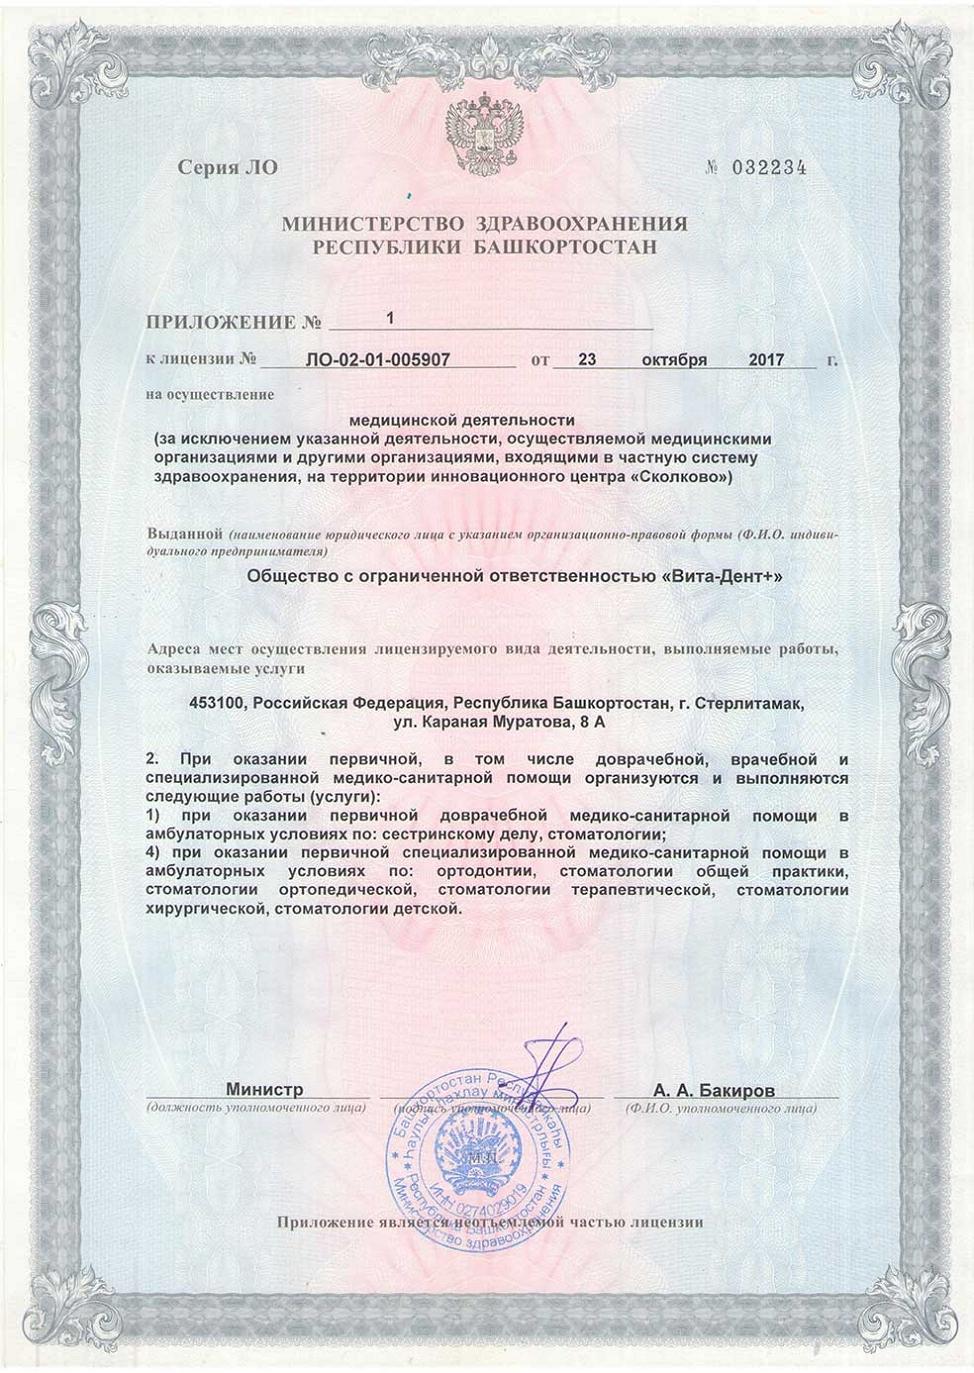 Вита-Дент+: Лицензия (3)